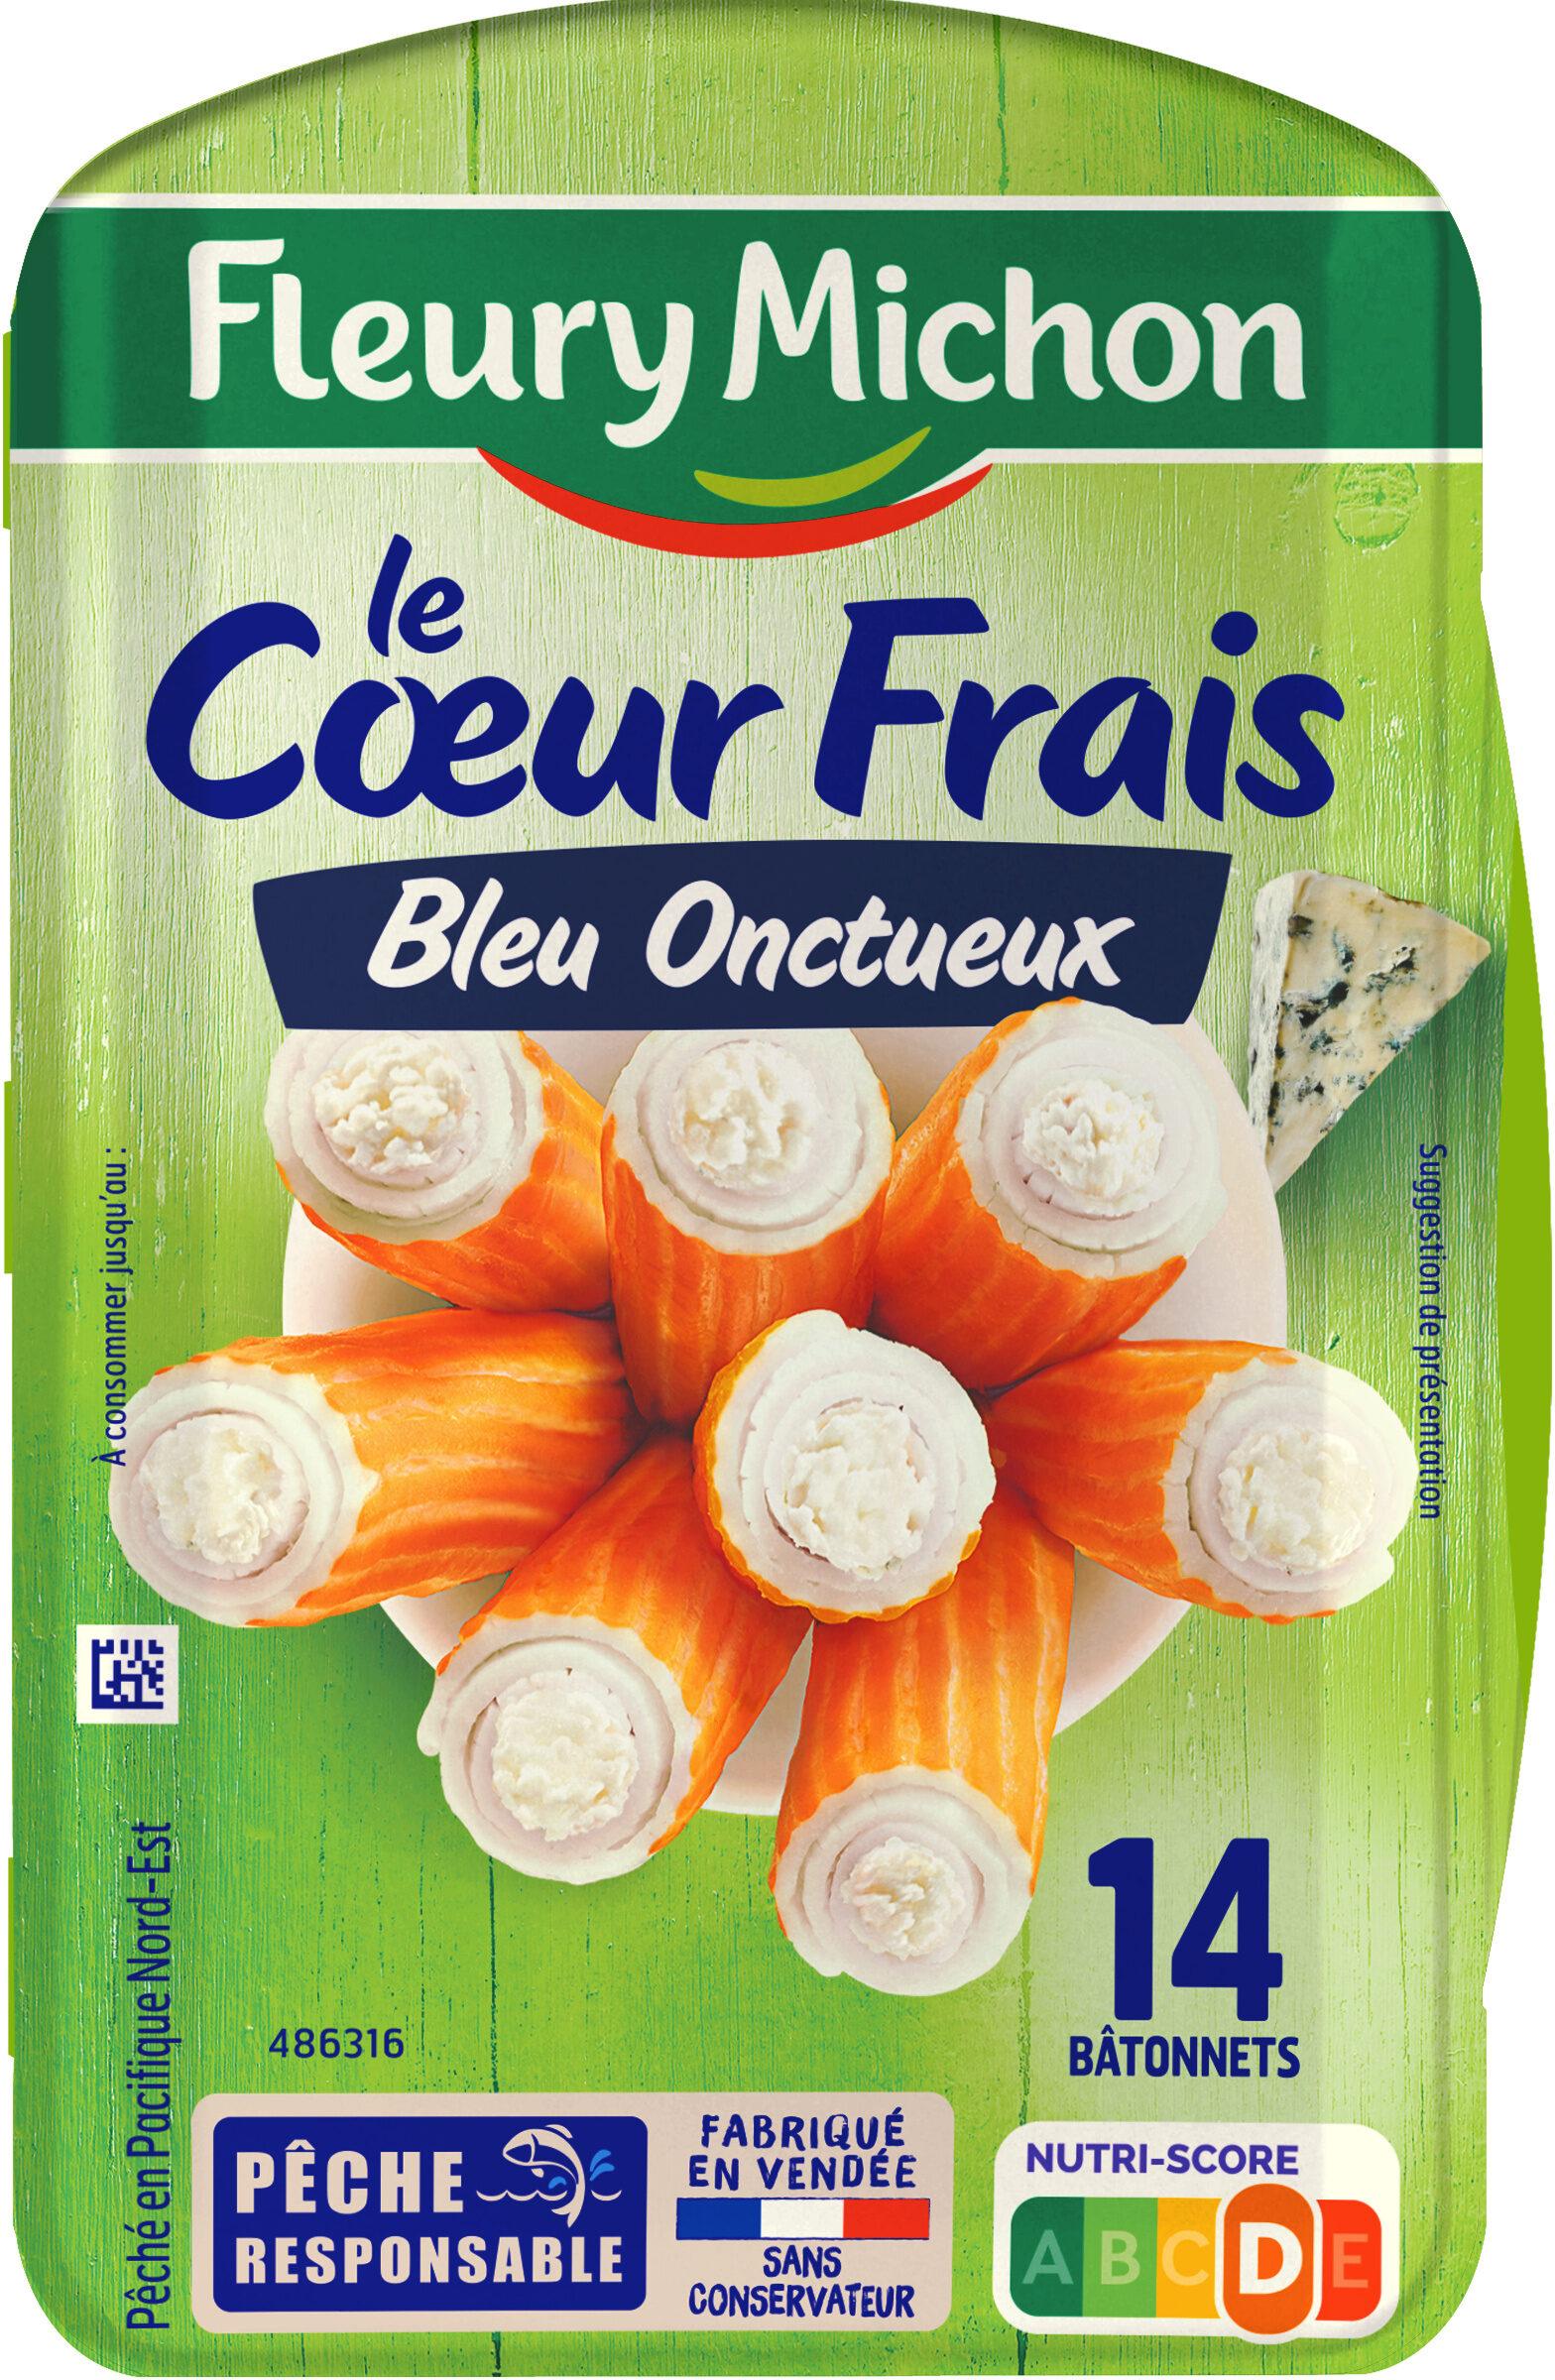 Le Coeur Frais Bleu onctueux  - 14 bâtonnets - Product - fr